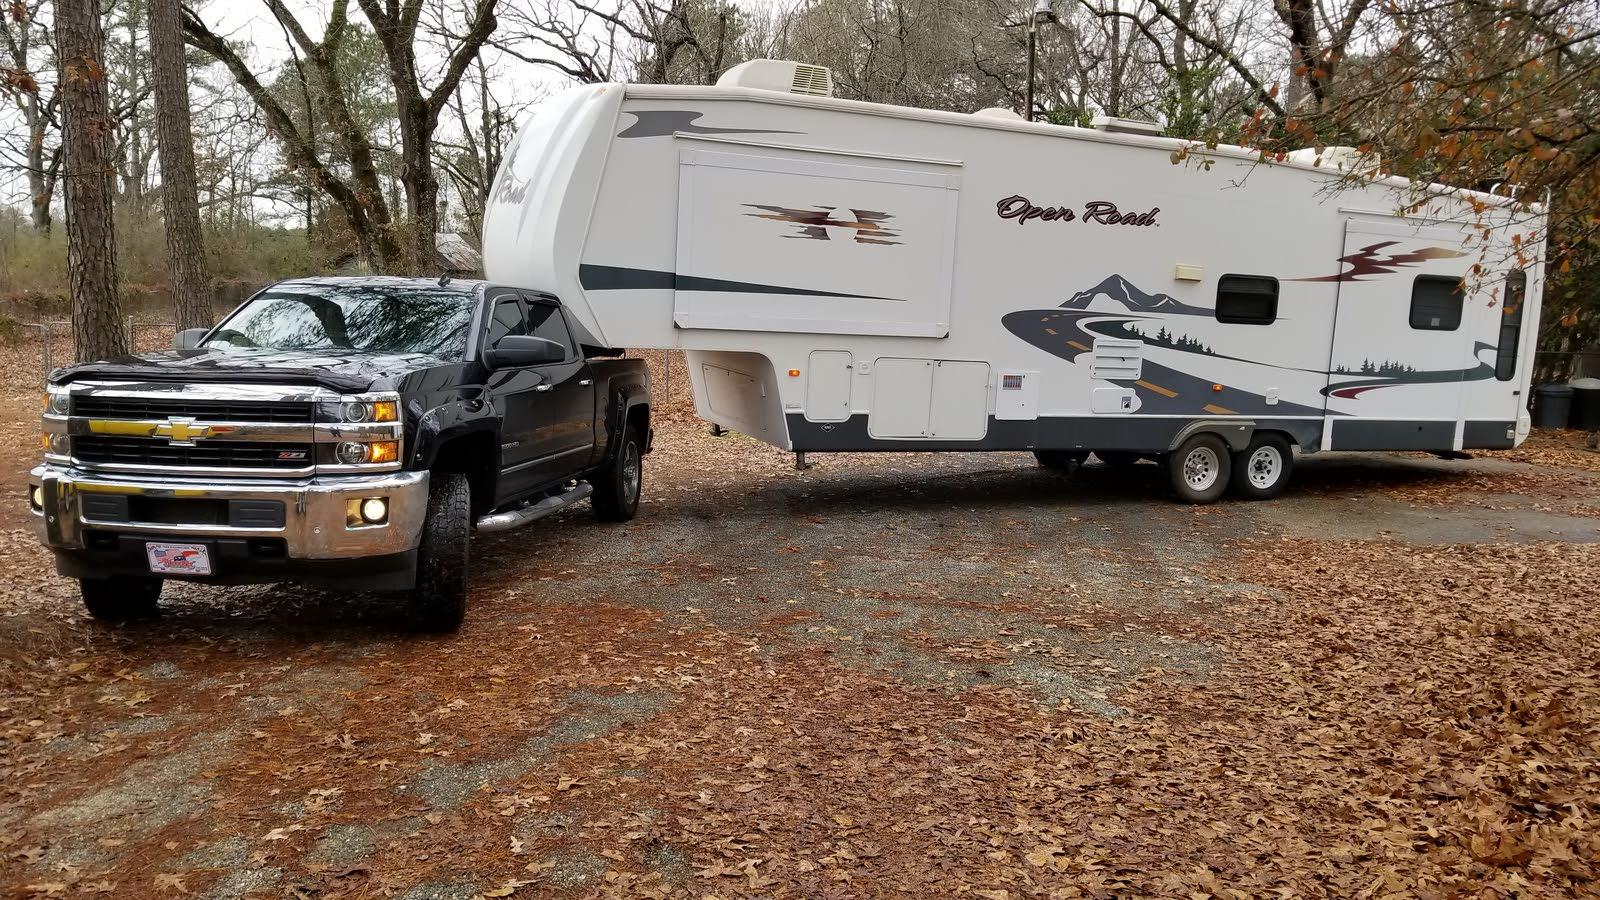 Chevrolet Silverado 2500hd Questions Fifth Wheel Towing